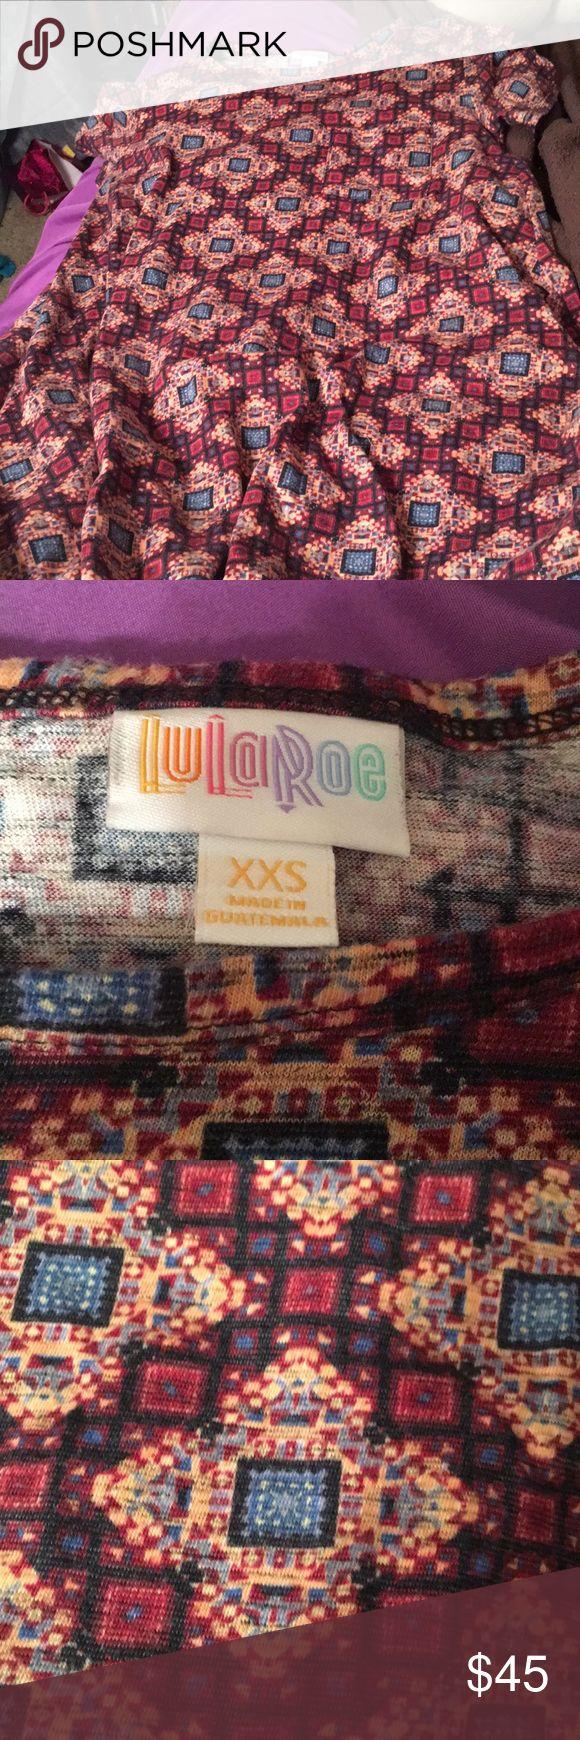 I just added this listing on Poshmark: Xxs Lue La Roe Carly!!. #shopmycloset #poshmark #fashion #shopping #style #forsale #lue la roe #Dresses & Skirts